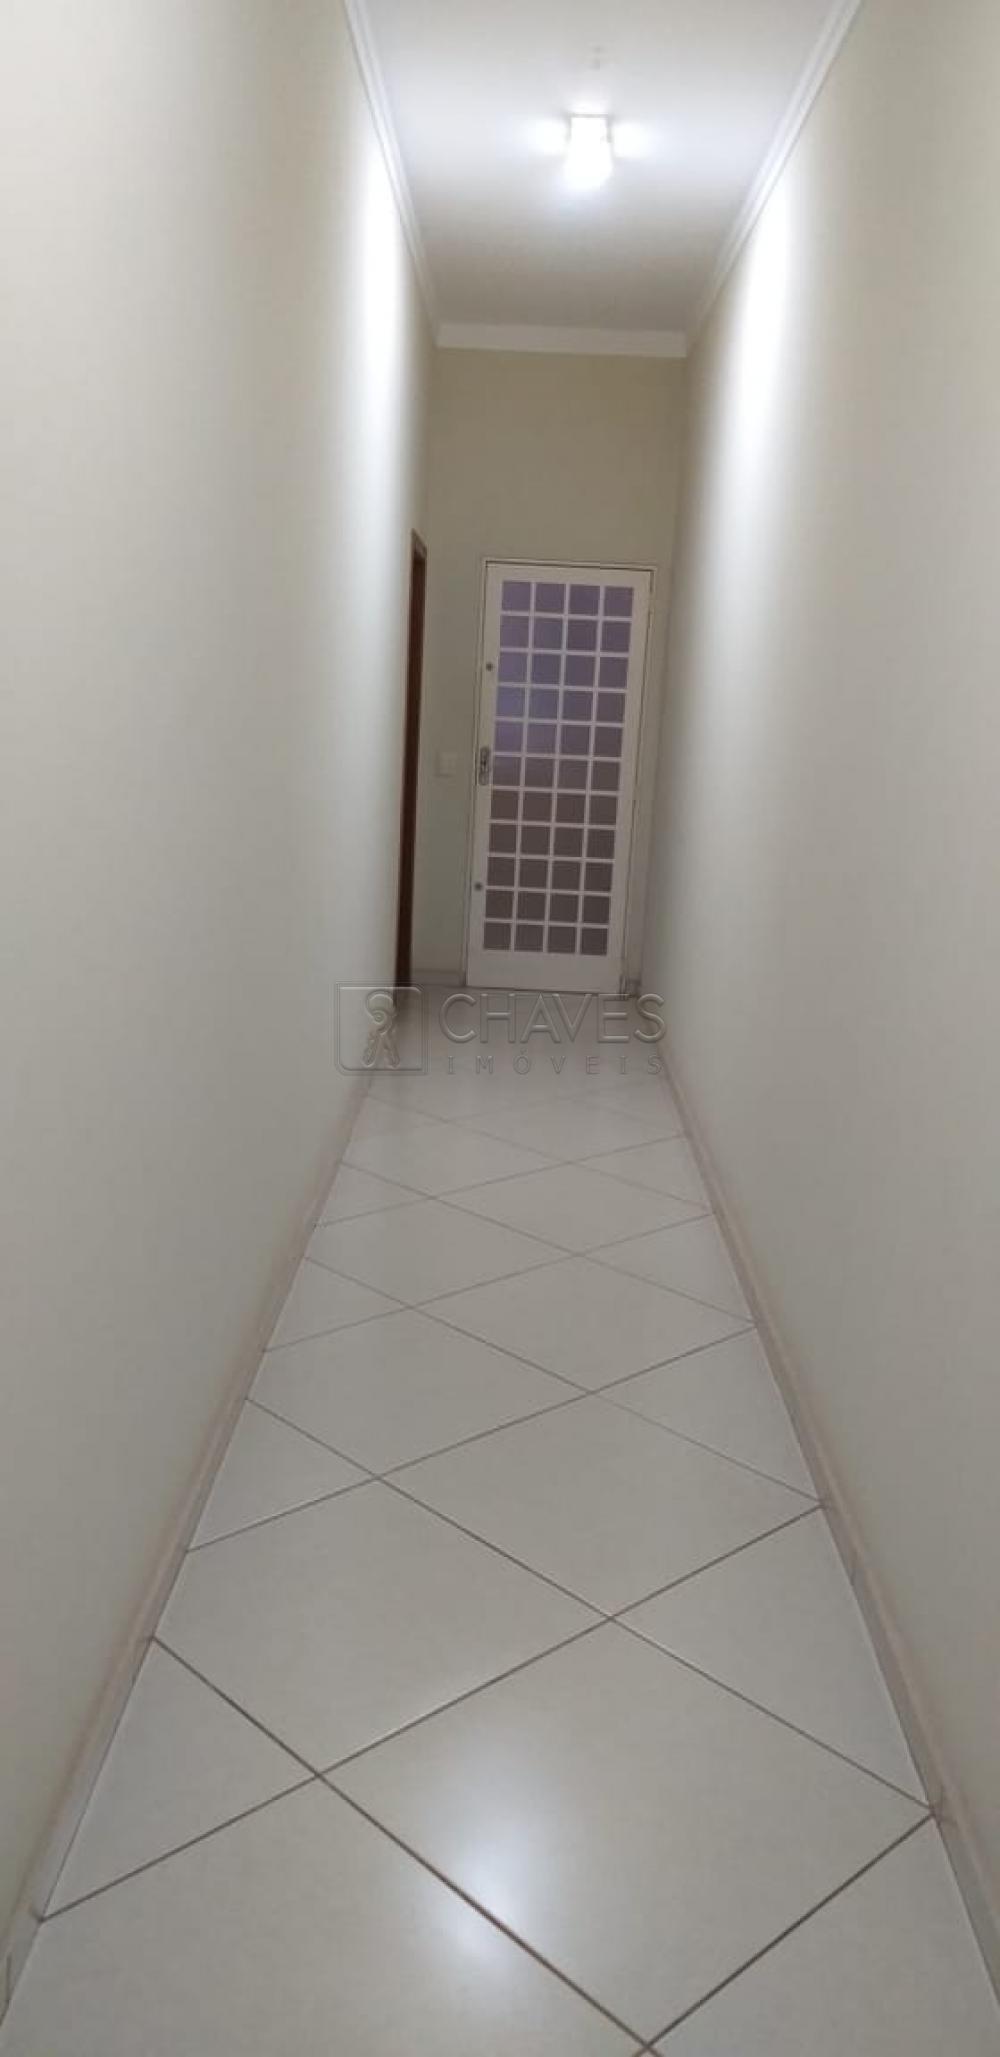 Alugar Comercial / Prédio em Ribeirão Preto apenas R$ 5.000,00 - Foto 22